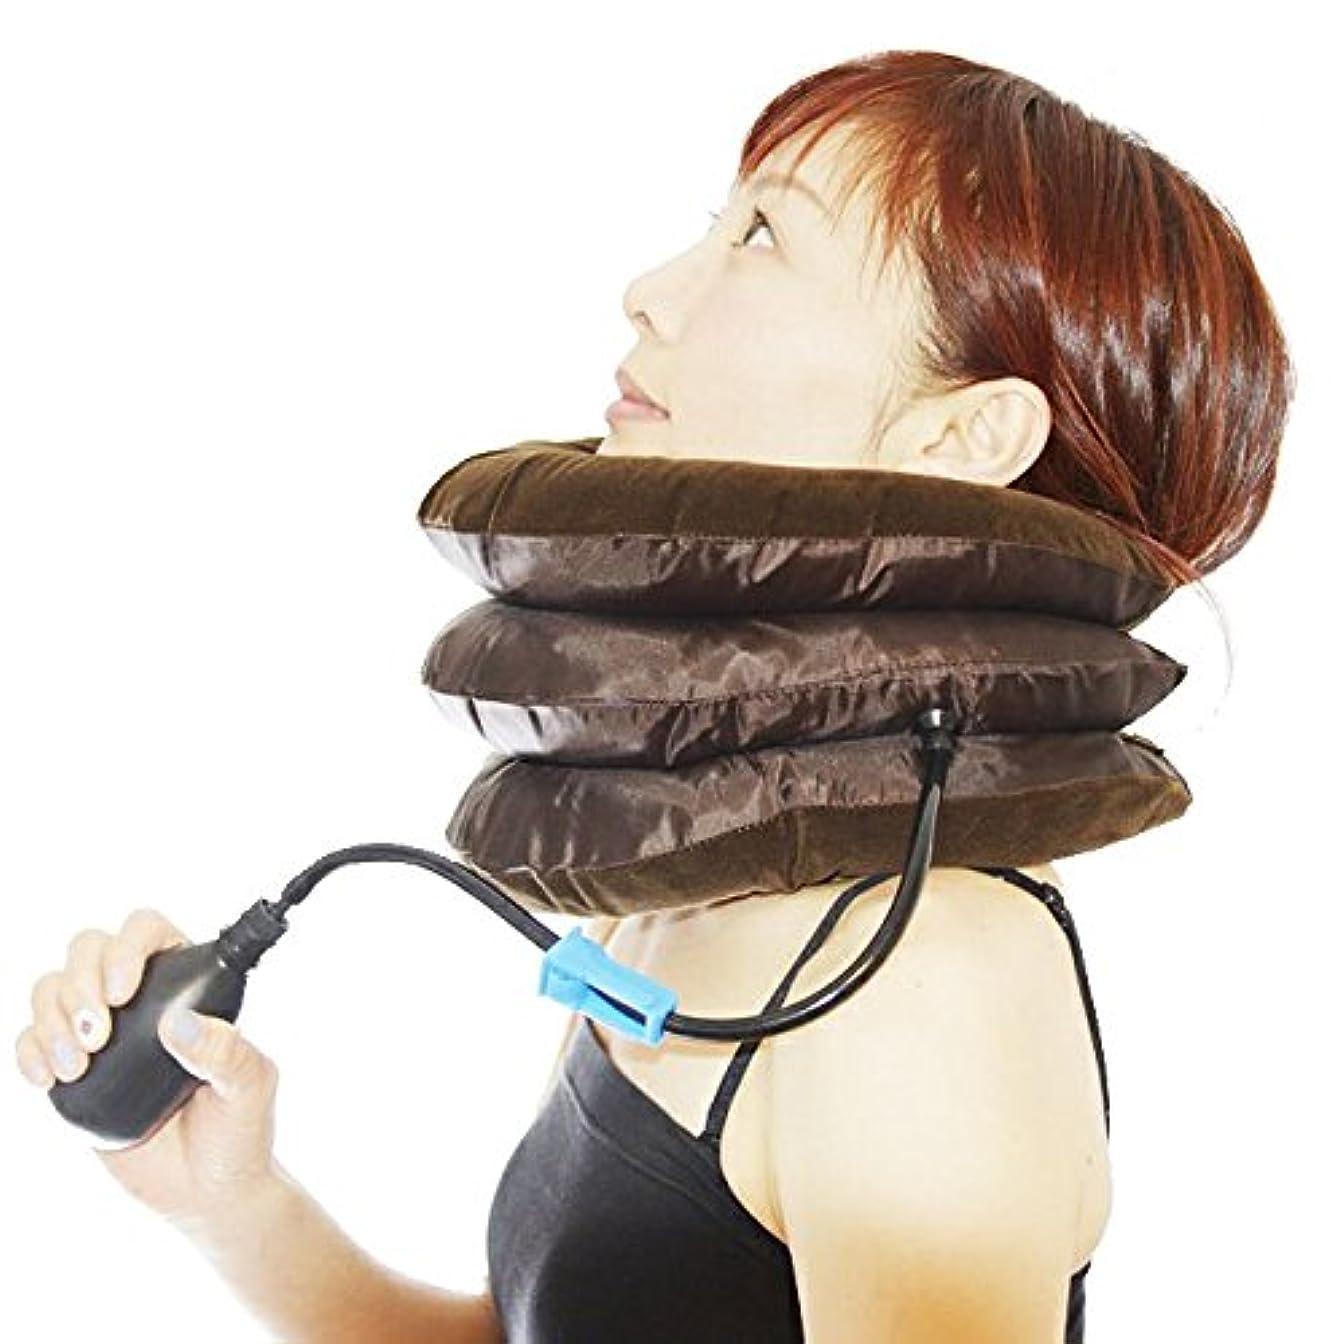 もつれジャーナル瞬時にネックサポーター ネックストレッチャー 首枕 首伸ばし